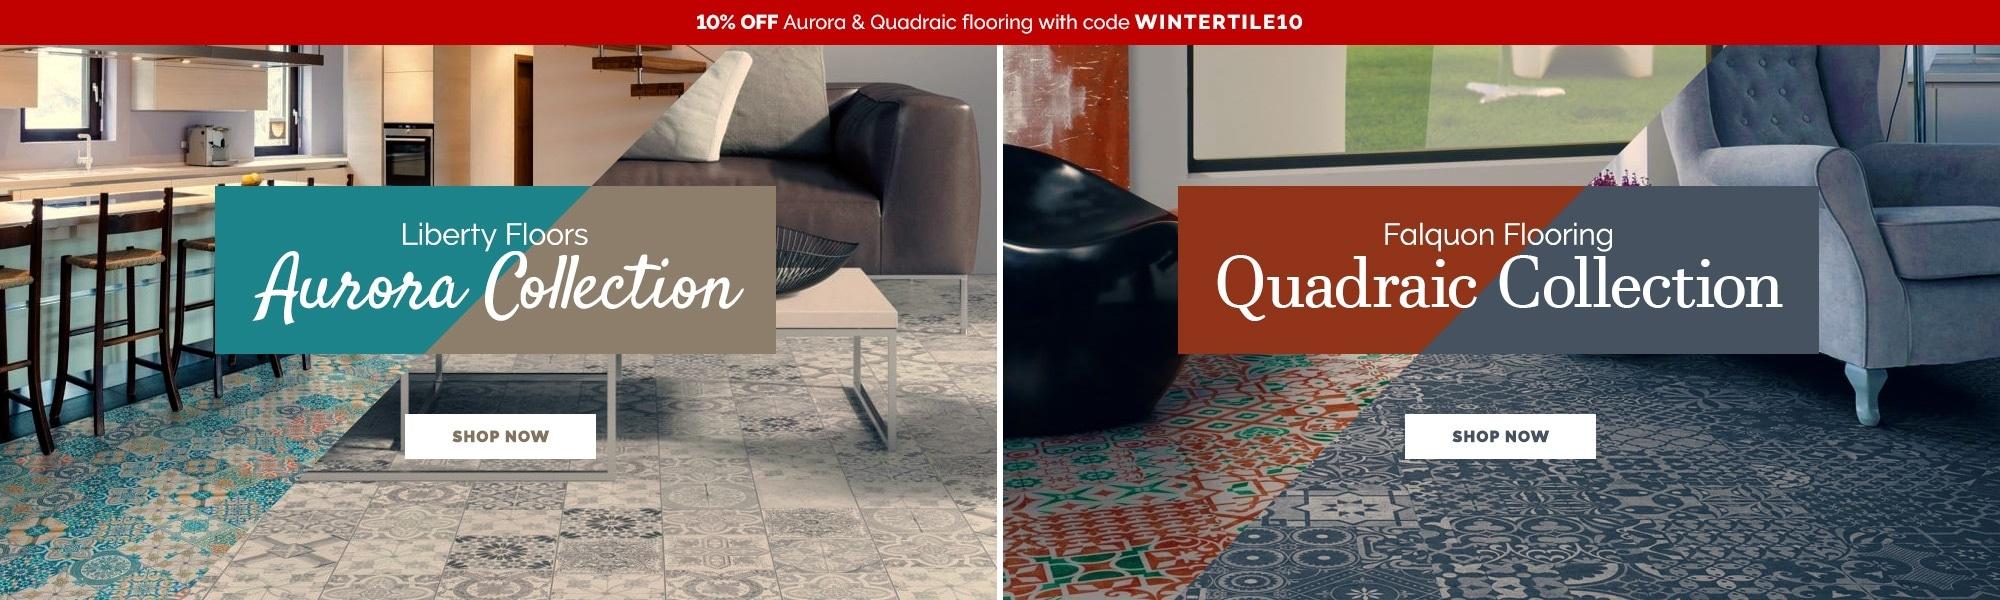 Aurora & Quadraic Collection